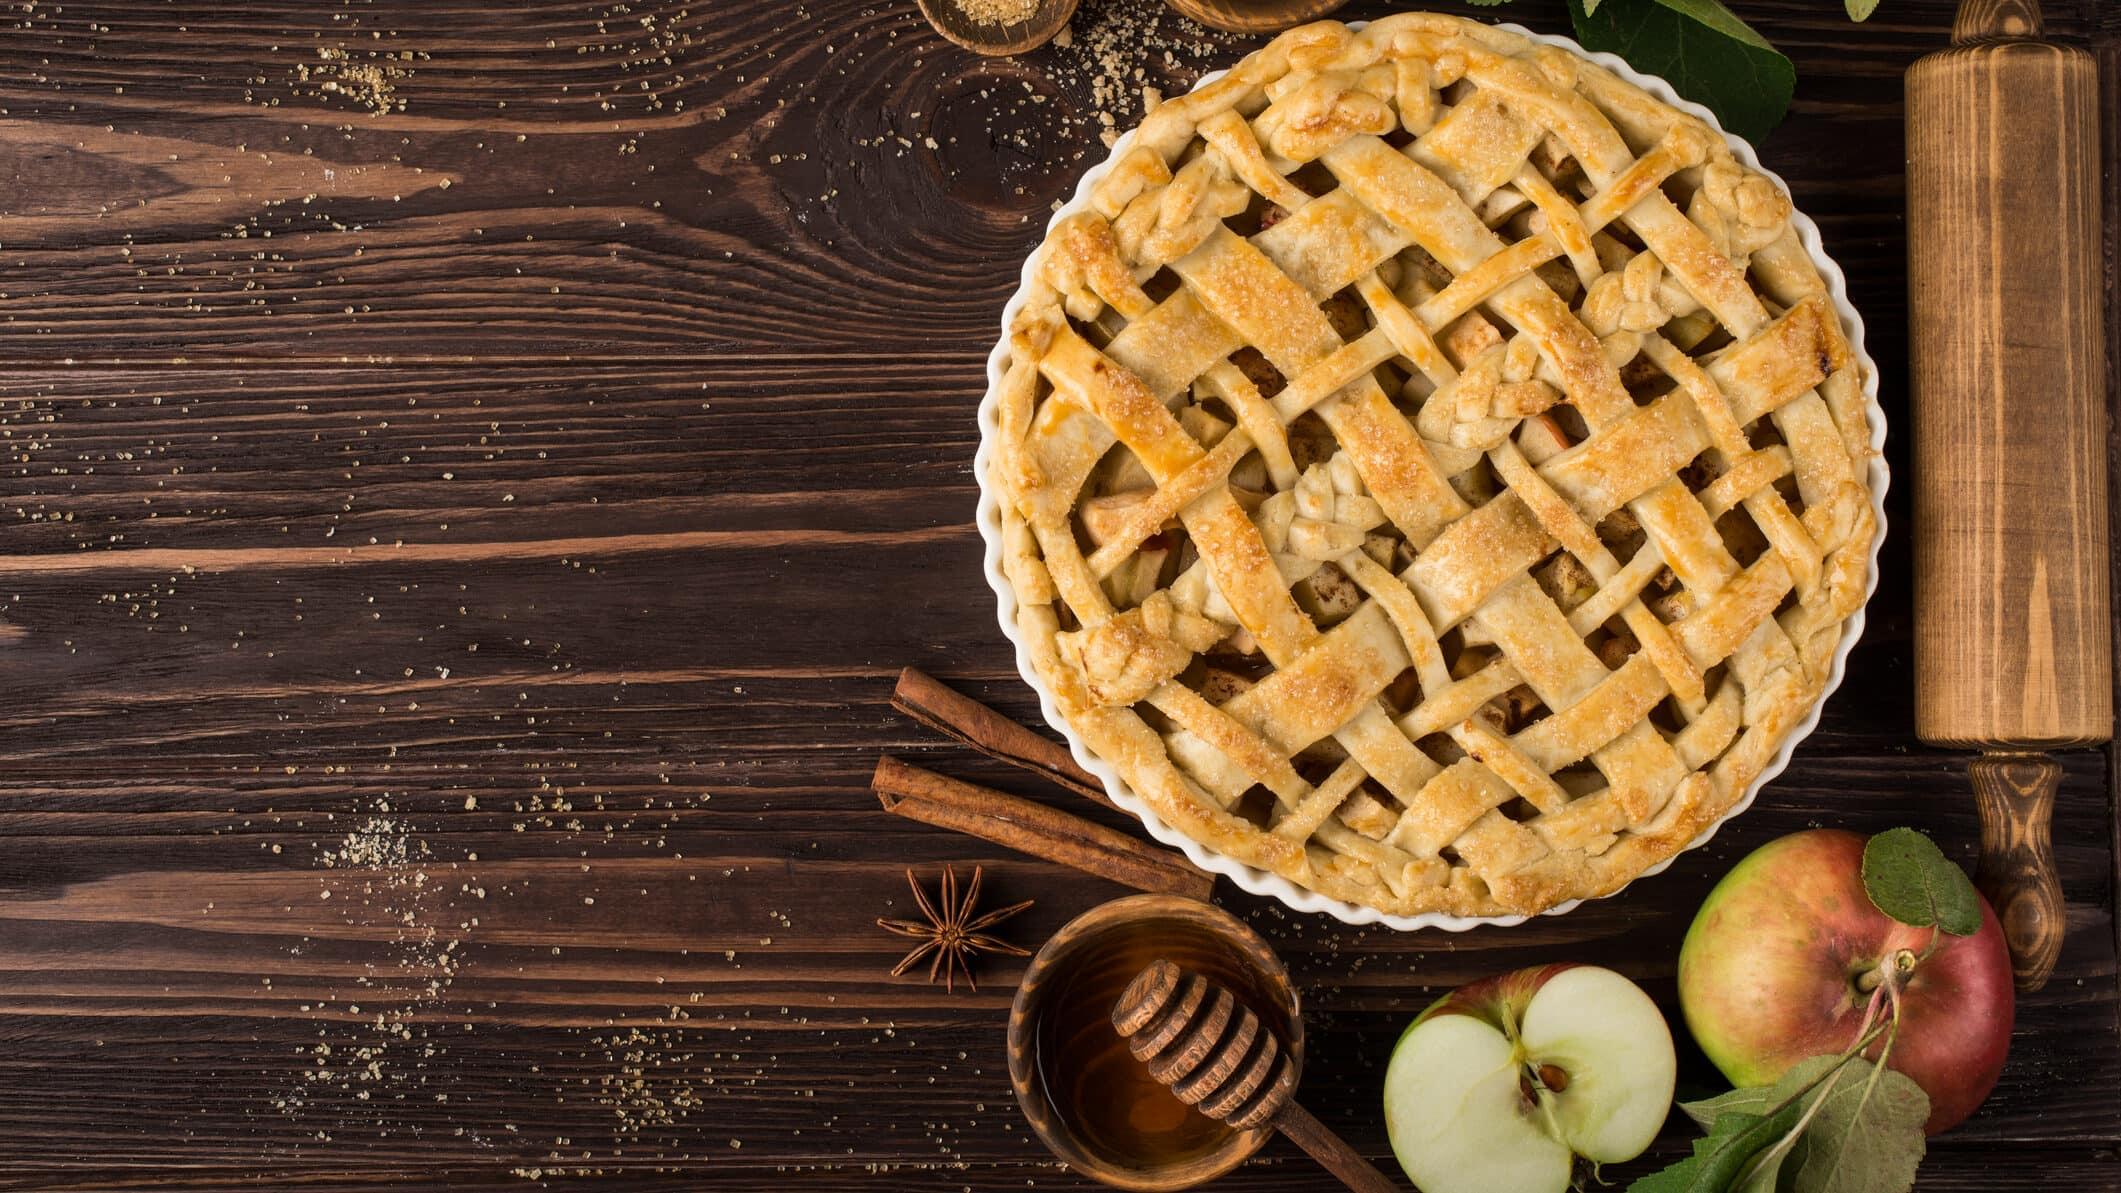 Apple Pie nach amerikanischem Rezept auf Holzuntergrund von oben